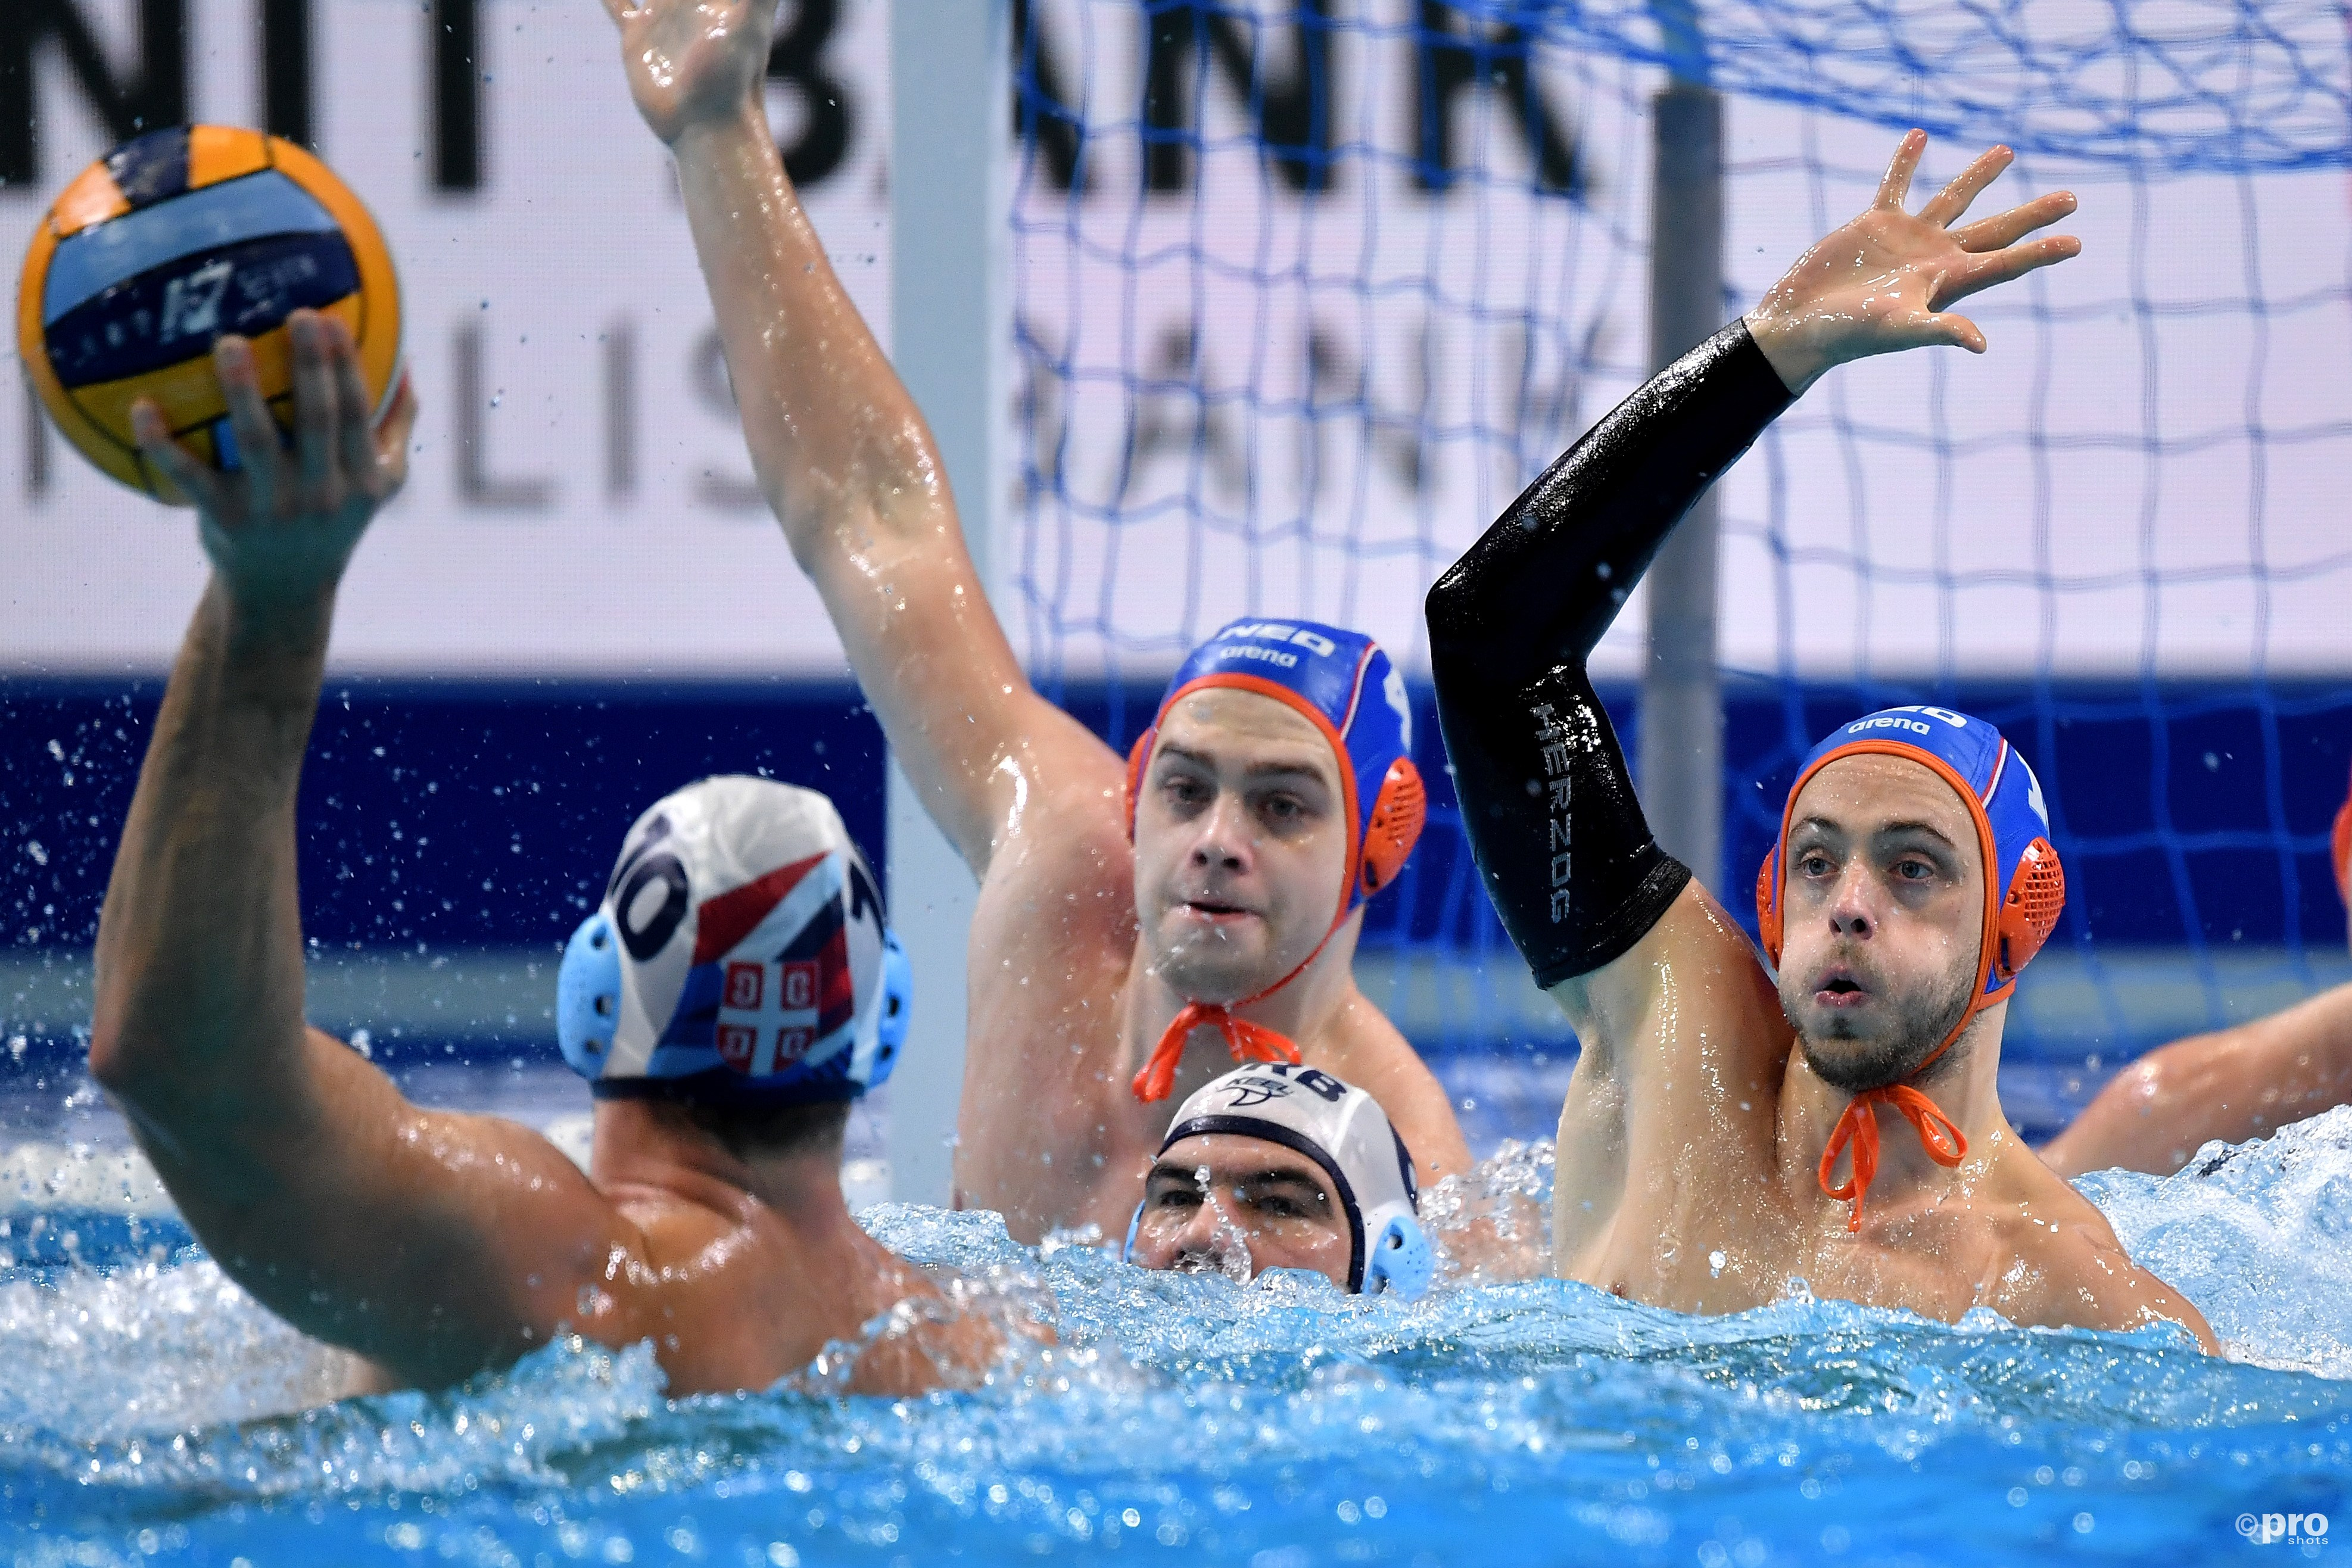 Waterpoloërs uitgeschakeld op EK na nederlaag tegen Servië (Pro Shots / Insidefoto)